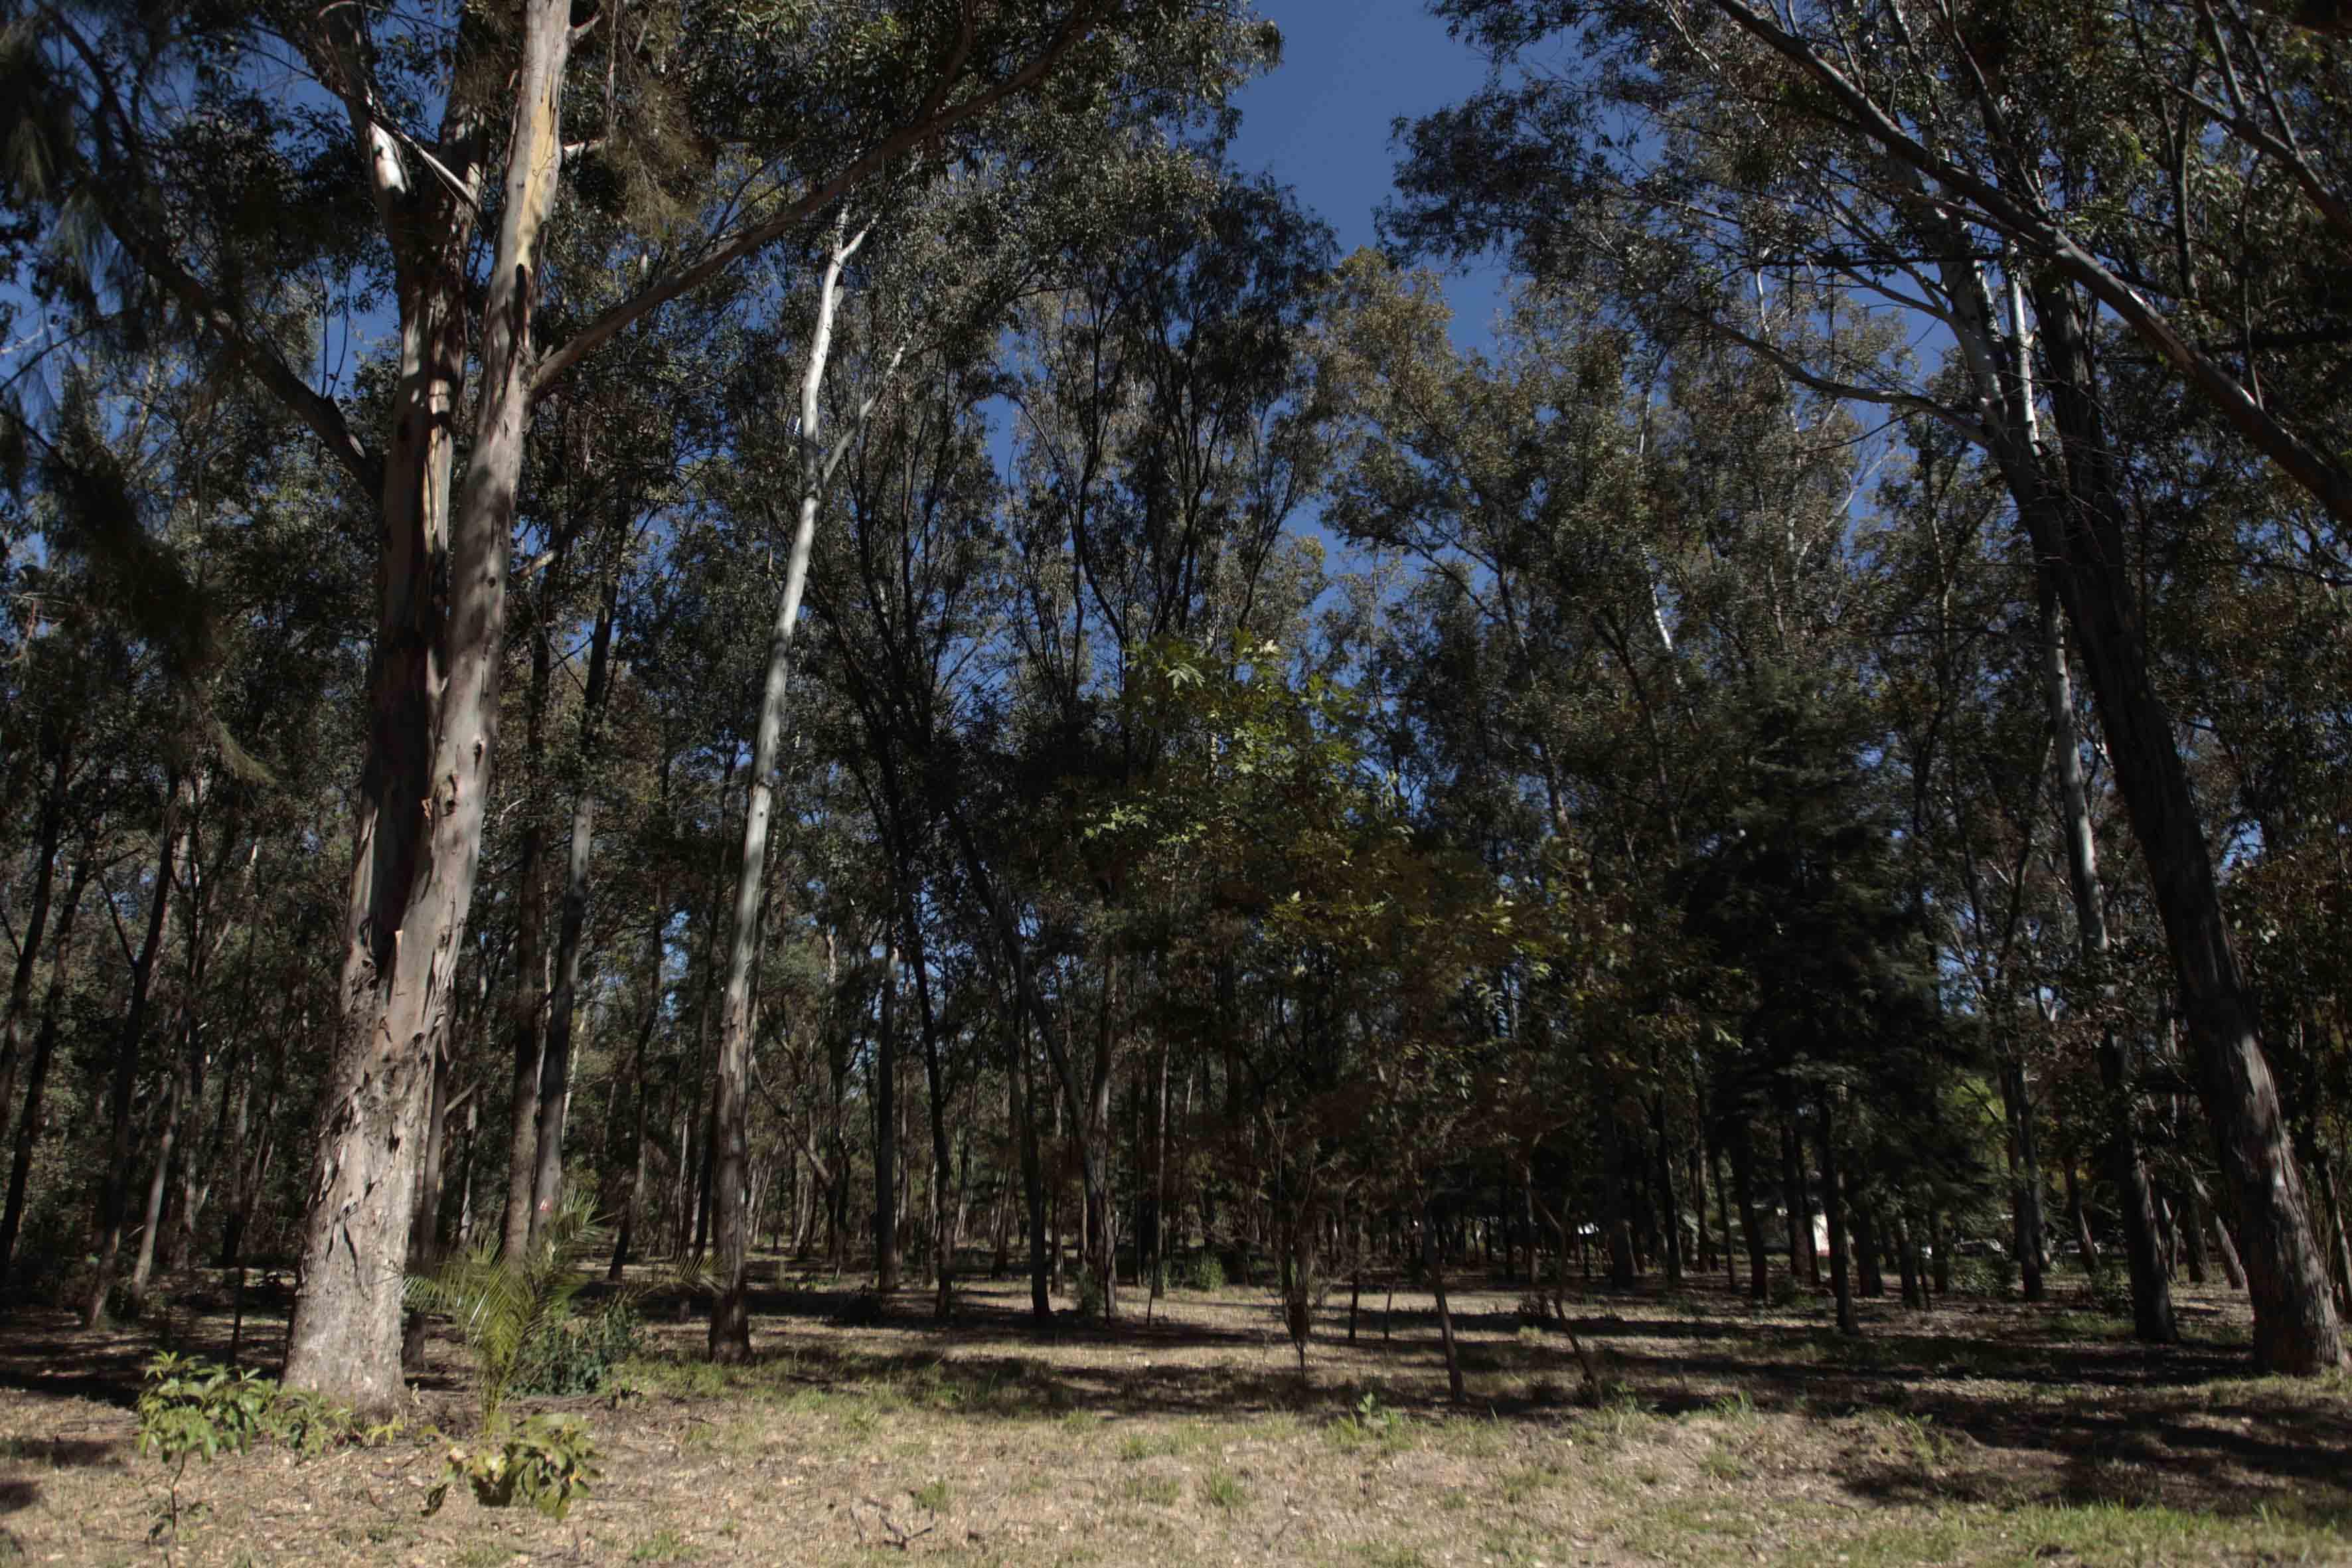 Bosque de los colomos